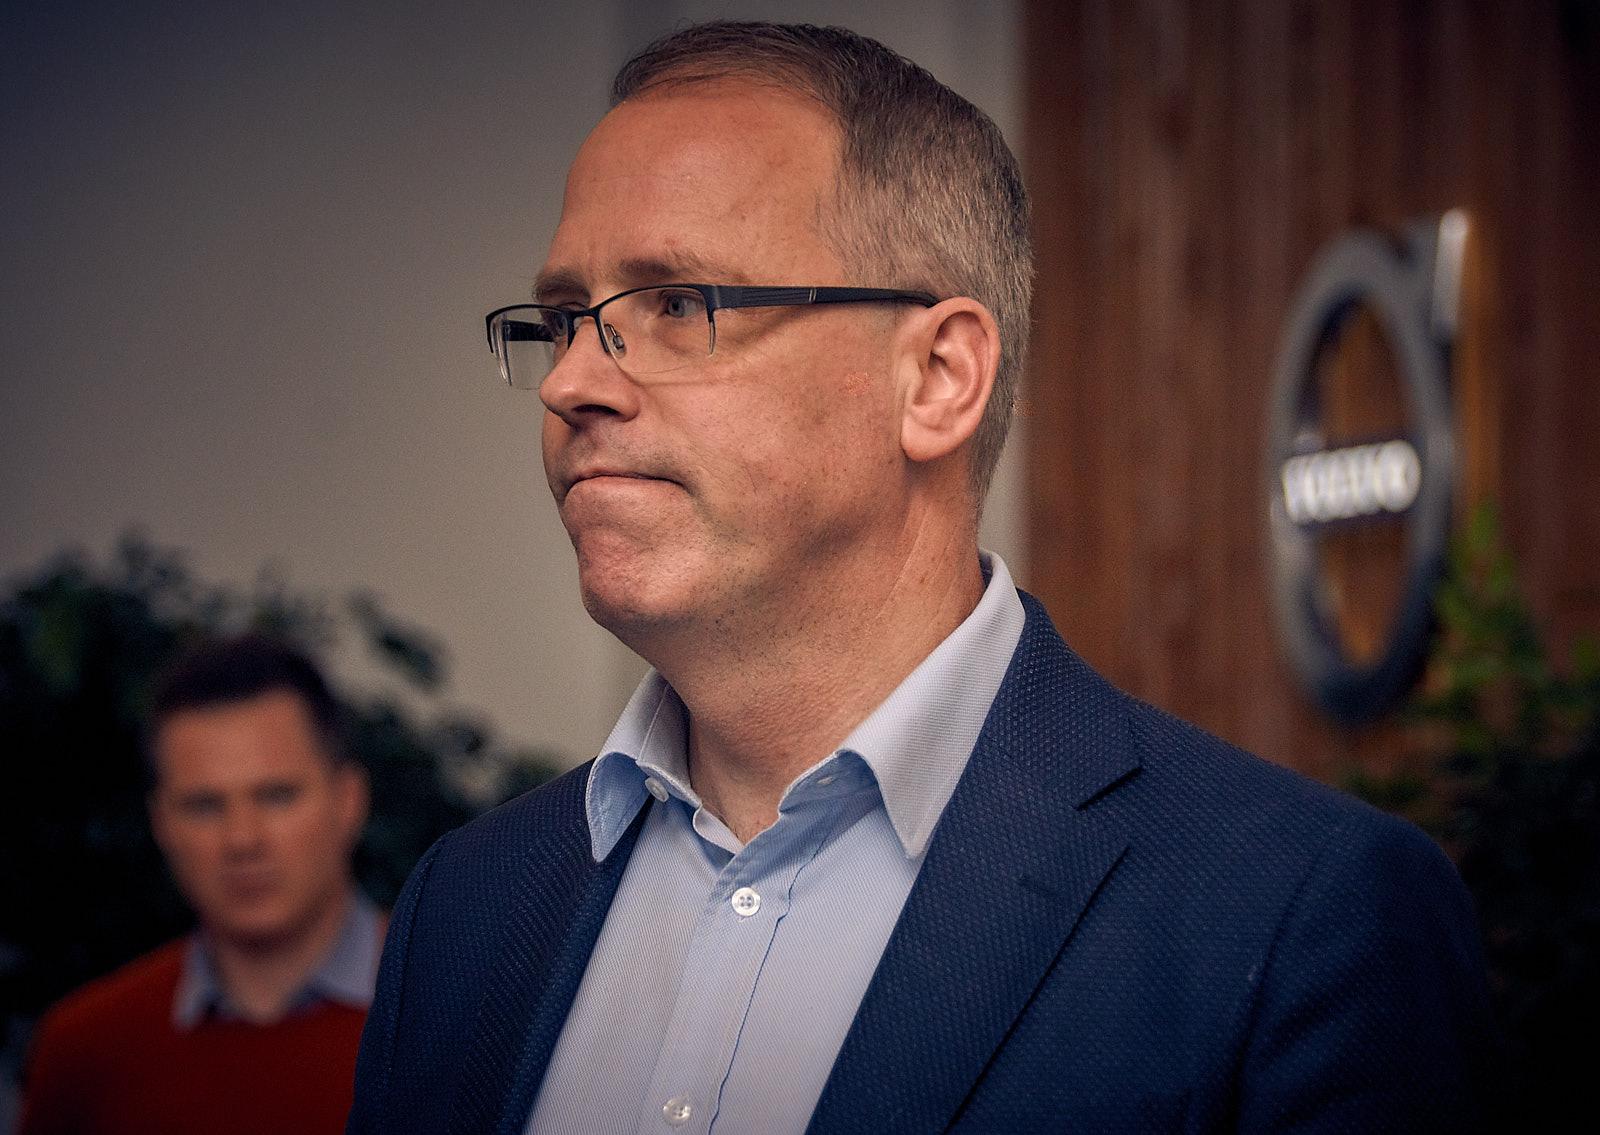 Мартин Перссон (Martin Persson), президент и генеральный директор Volvo Car Russia